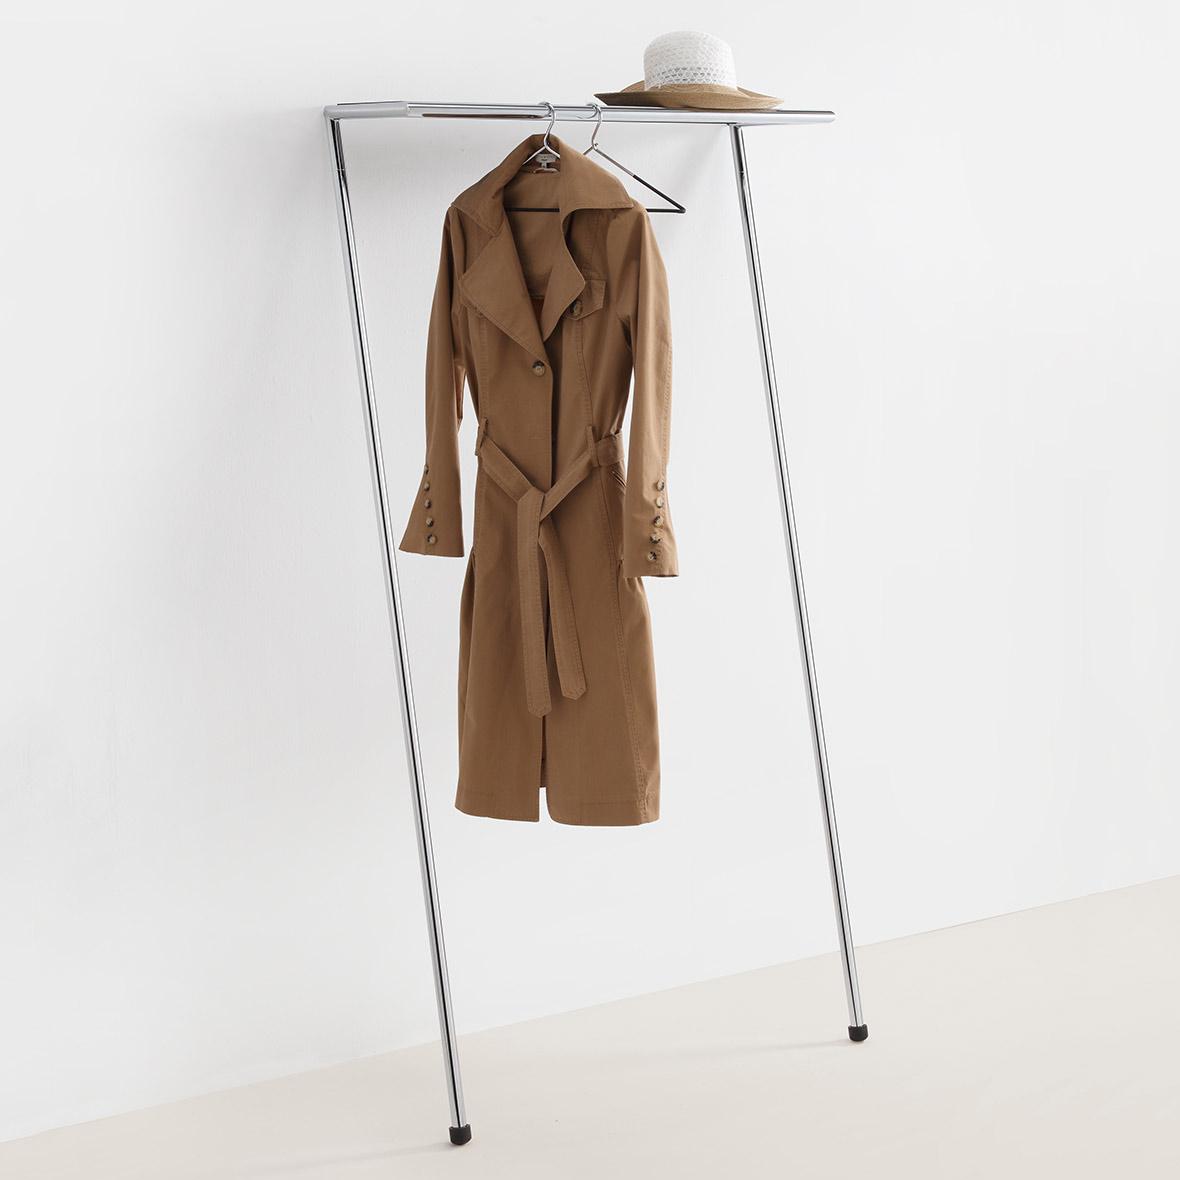 Garderobe Zen verchromtes Stahlrohr von Mox